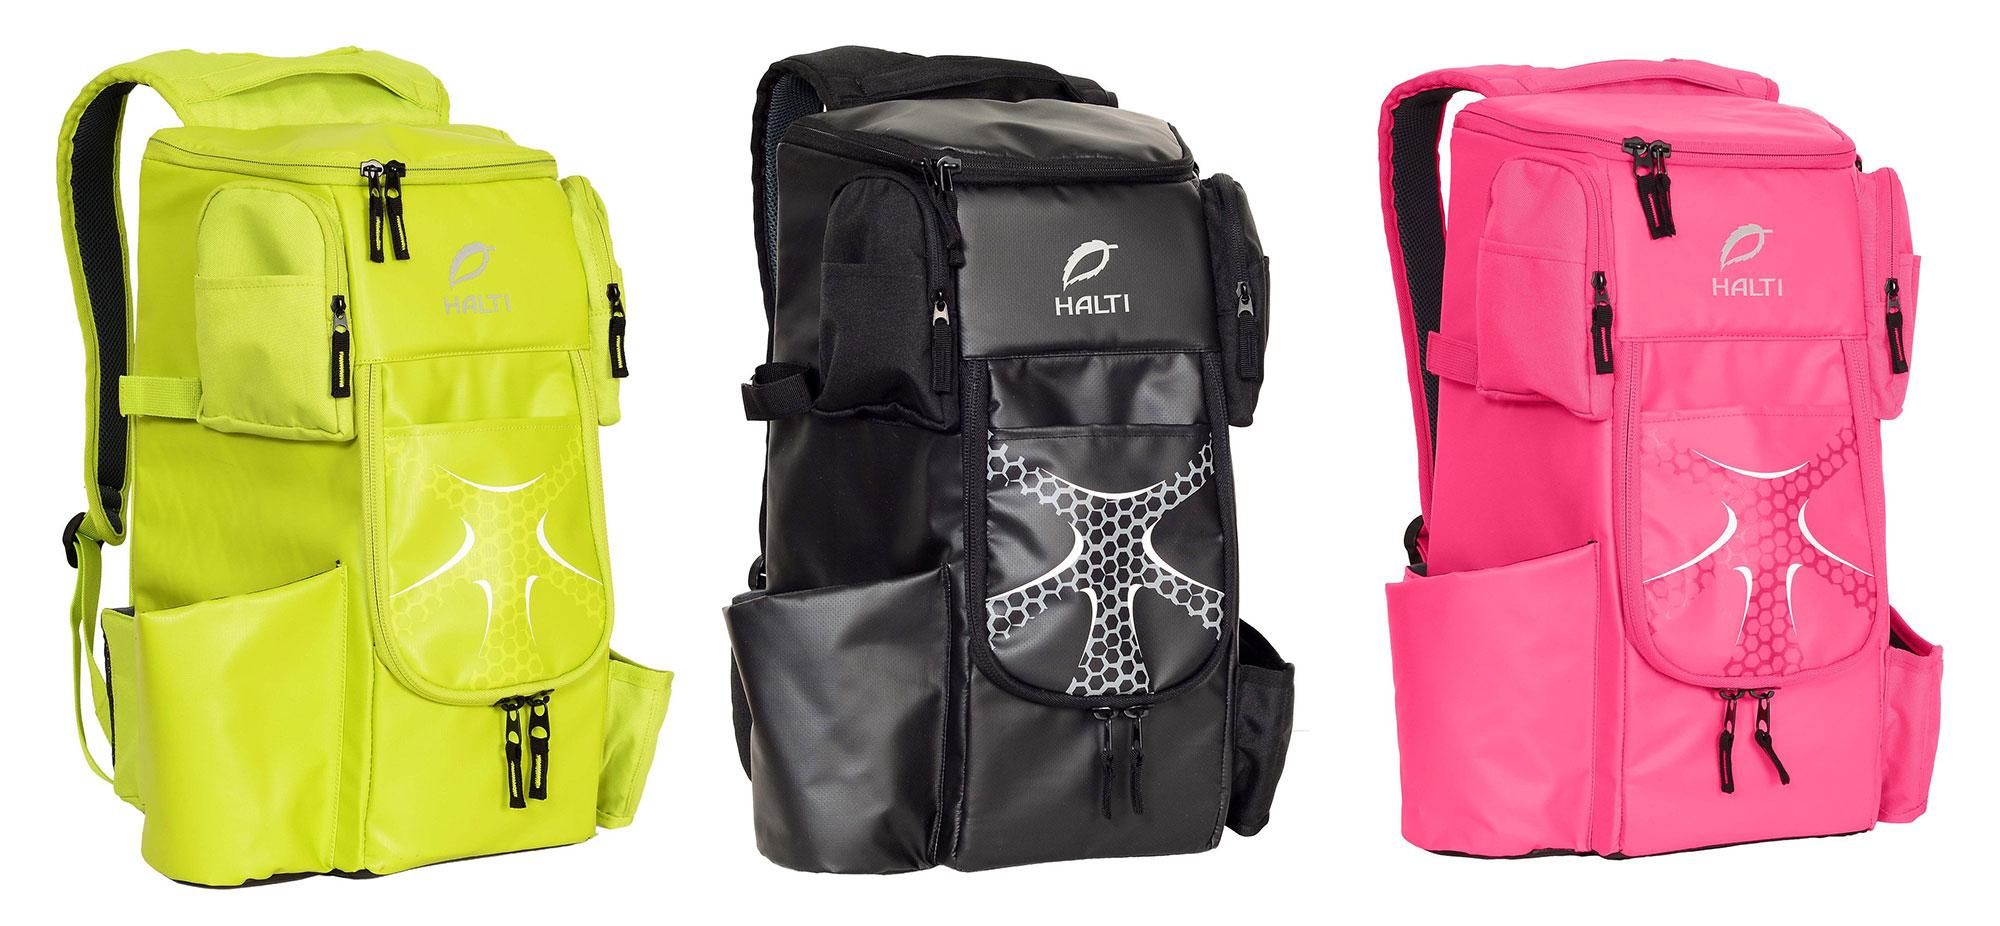 Halti Backpack